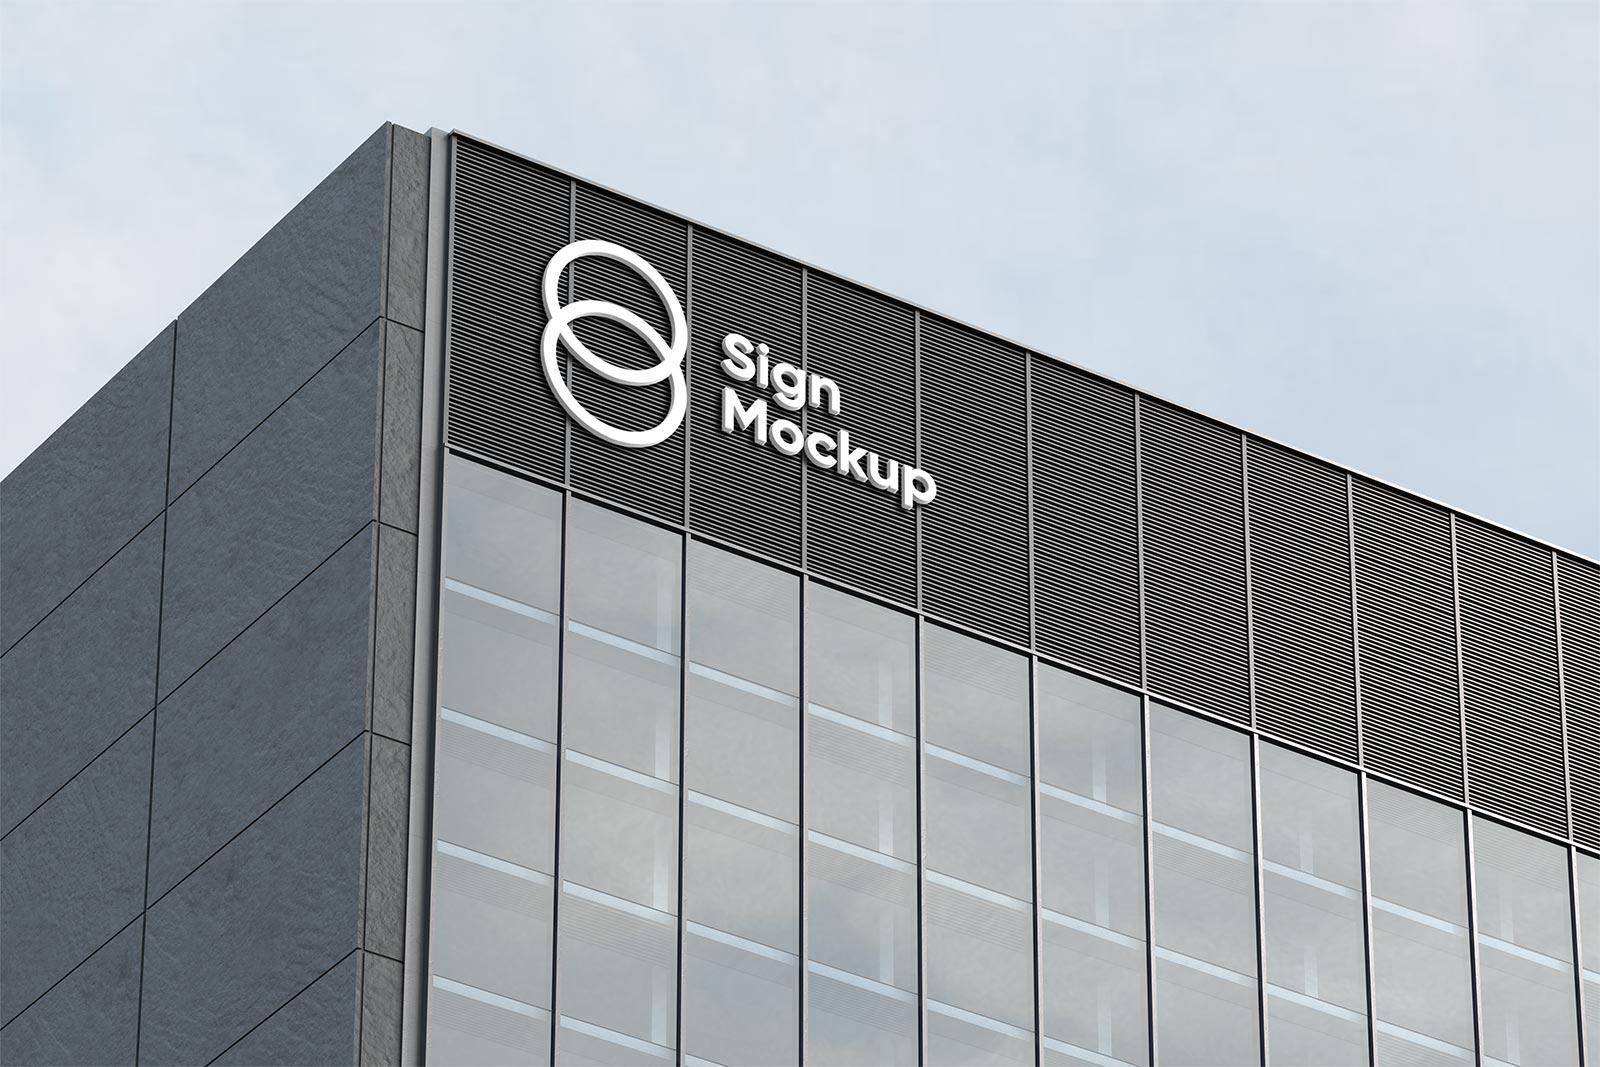 Free Building Sign Company Logo Mockup PSD